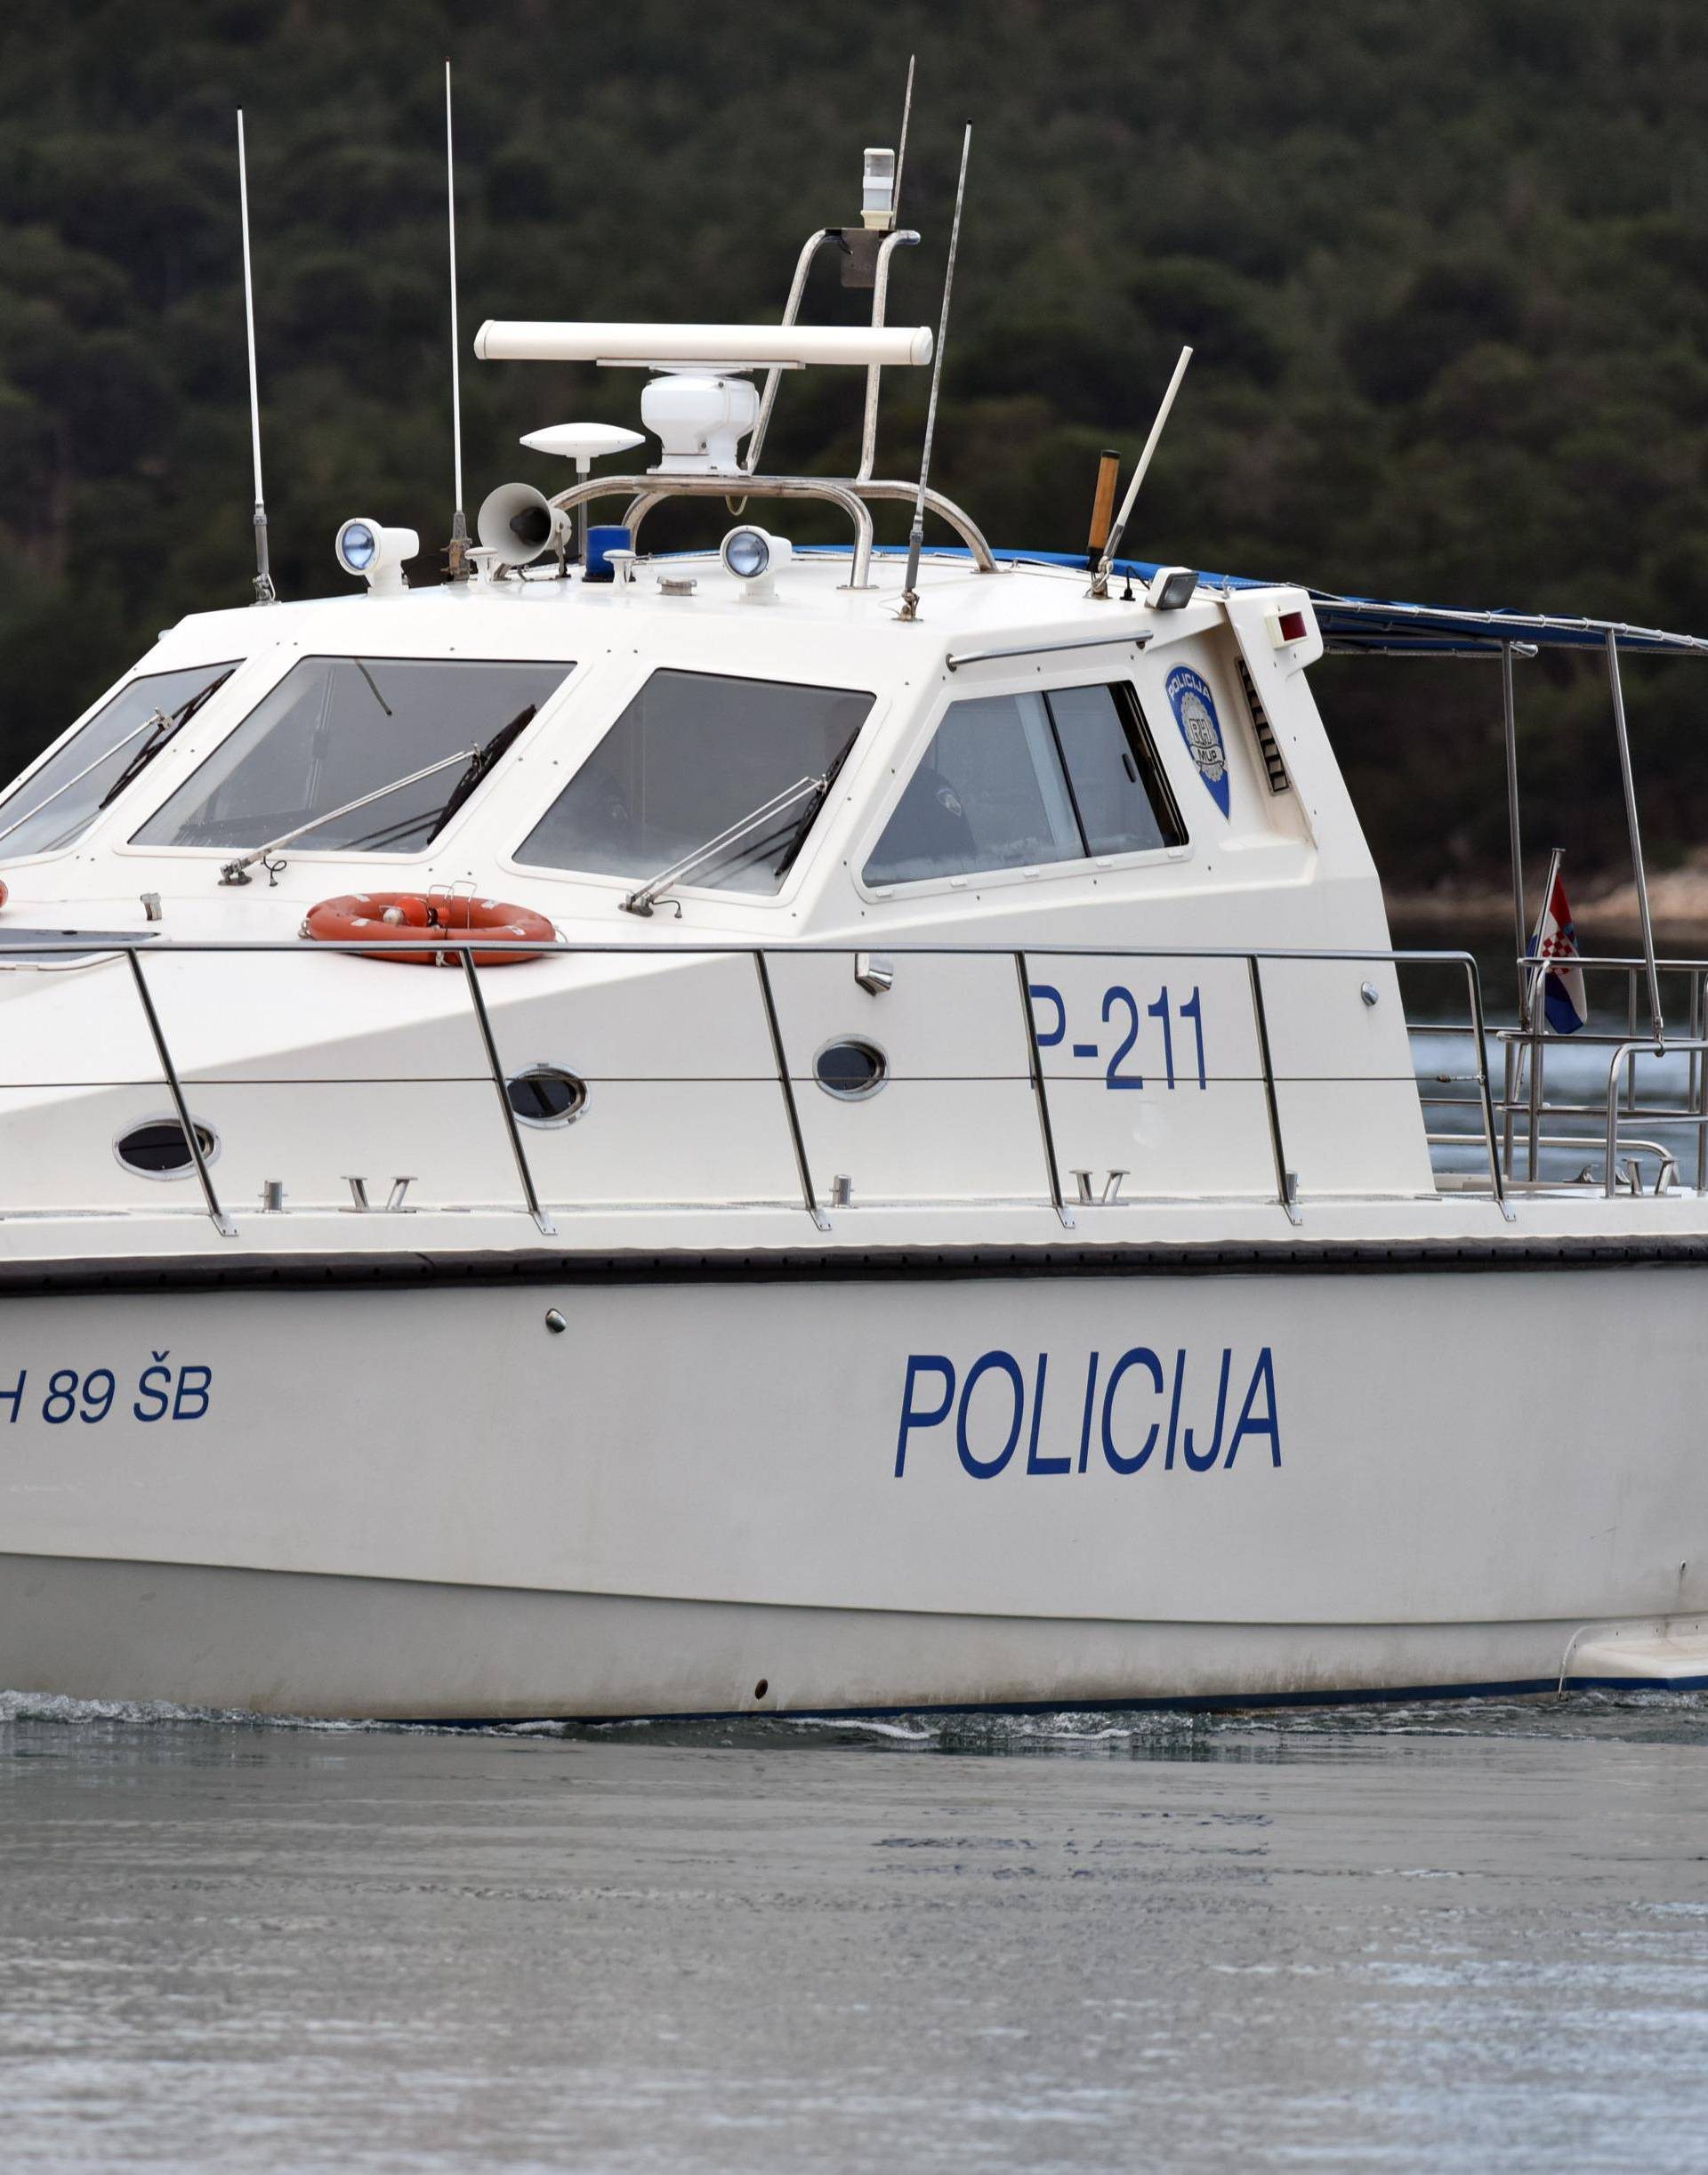 Nesreća kod Zmajana: Pronašli su tijelo nestalog člana posade